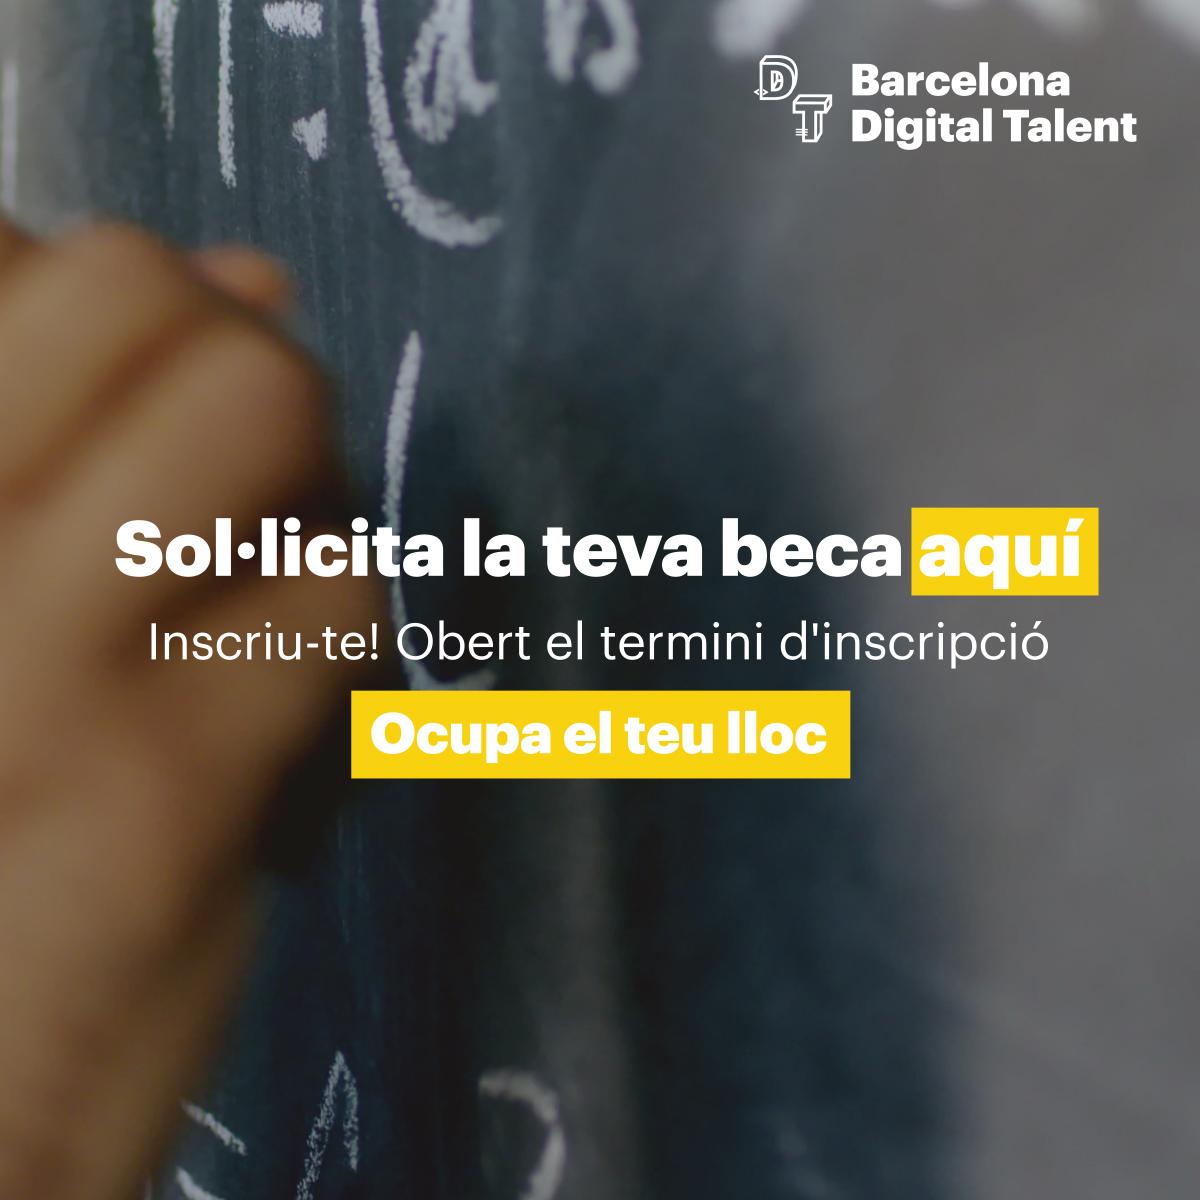 🎓Digitalitza't i ocupa el teu lloc.   Més de 800 beques en cursos formatius, en les àrees més destacades del mercat TIC. Formació certificada per centres de prestigi de tot Catalunya.   👉Sol·licita la teva beca! https://t.co/EqxsRvadBN https://t.co/nHT2soHKnp